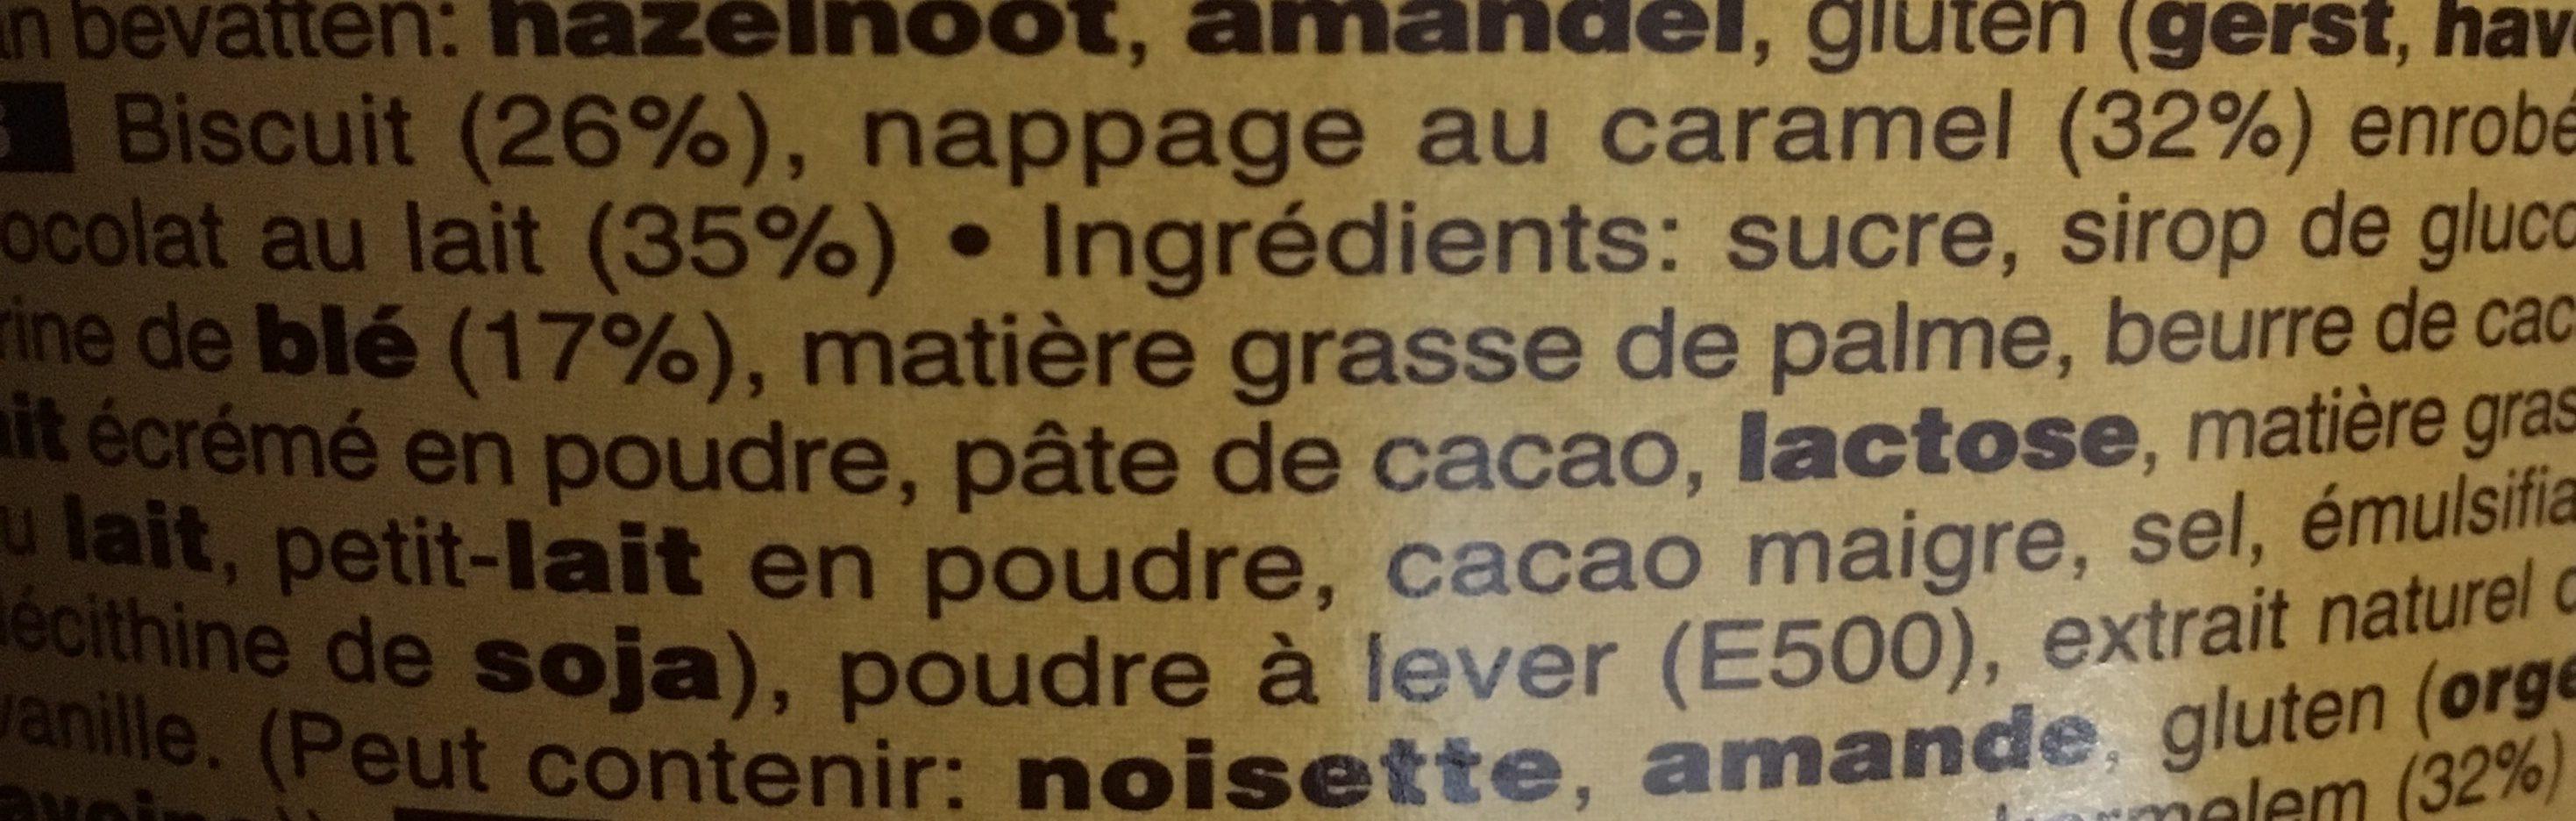 Twix minis - Ingredientes - fr